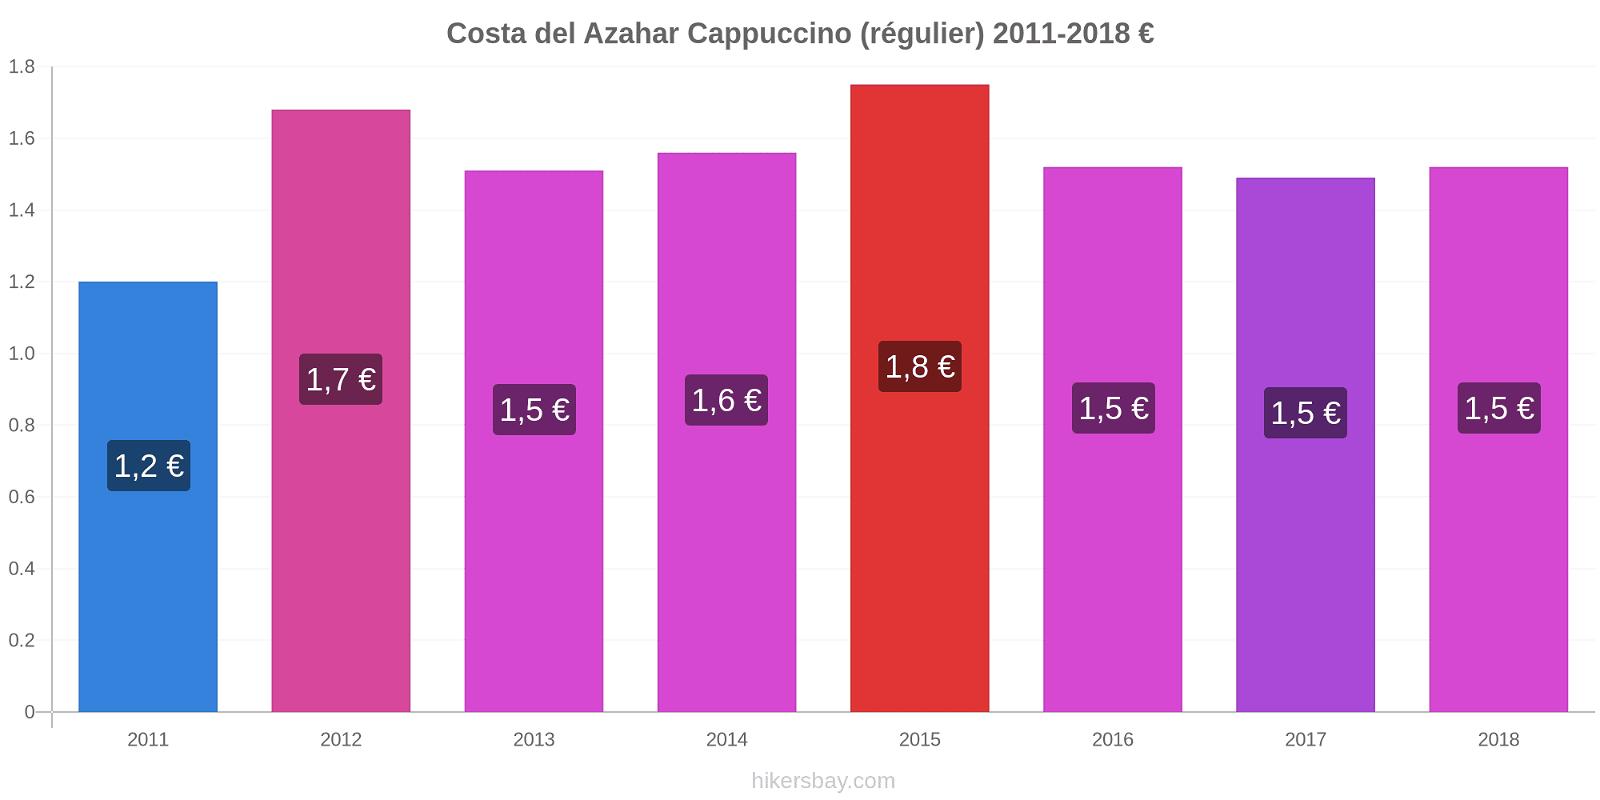 Costa del Azahar changements de prix Cappuccino (régulier) hikersbay.com